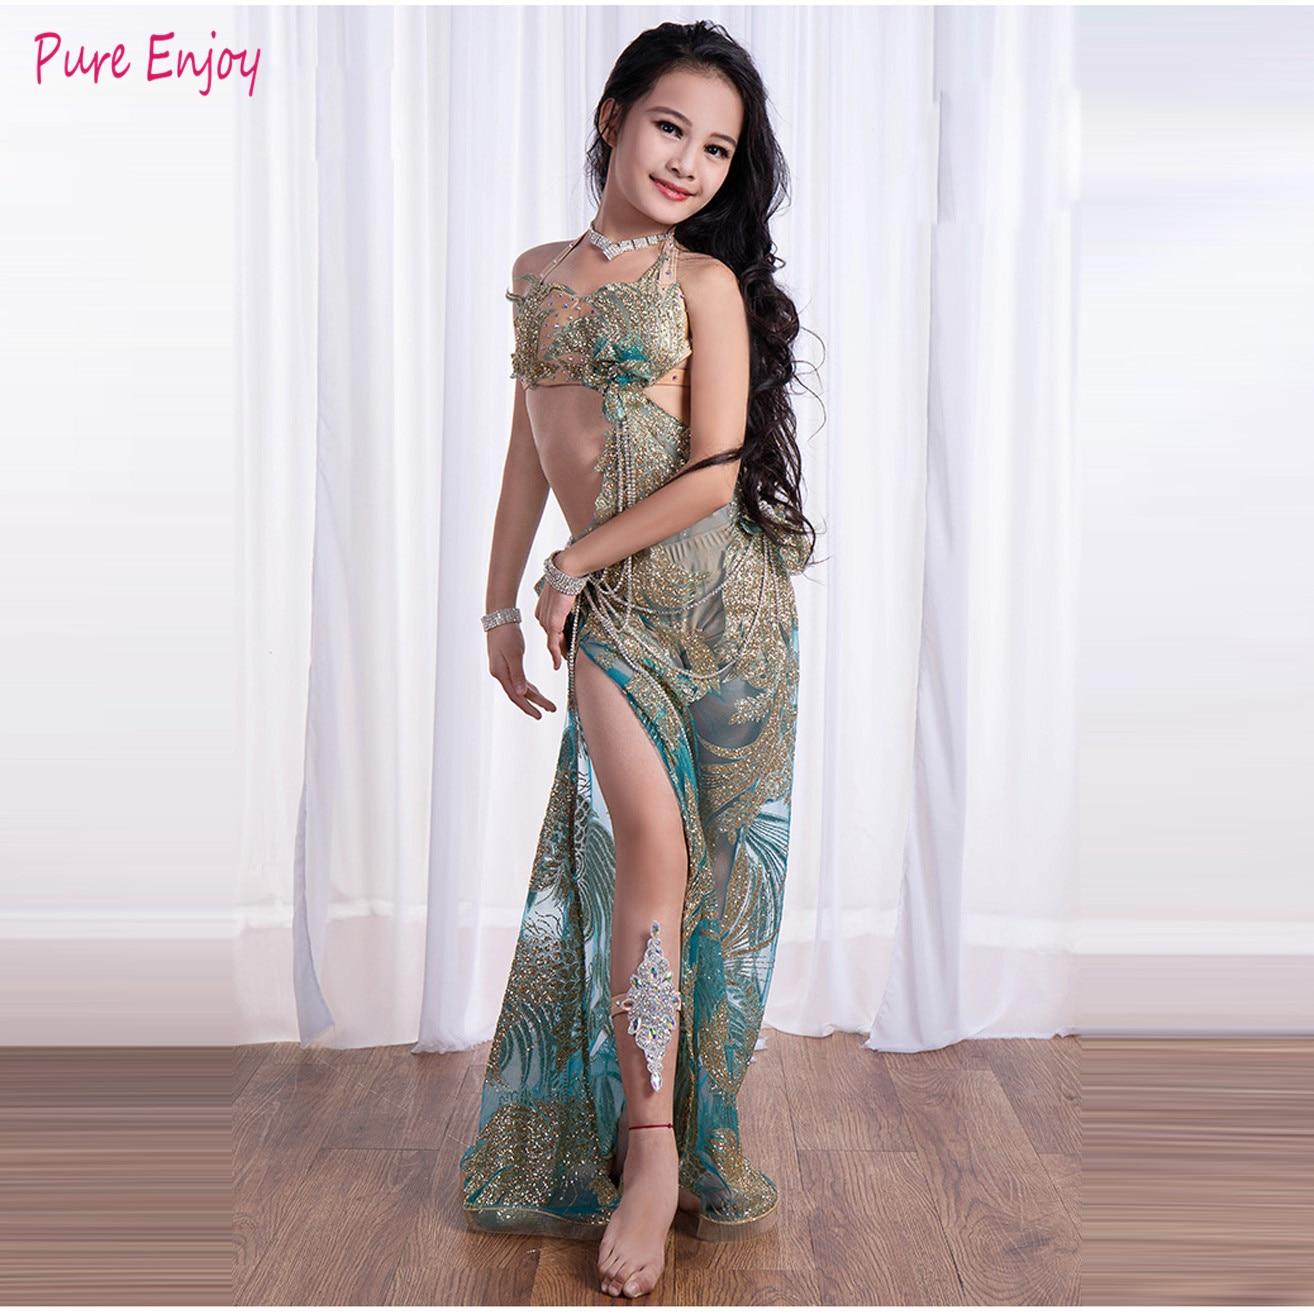 Hecho a medida nuevo lujo niños danza Oriental Falda larga Sexy para niños bonitos trajes de competición de danza del vientre